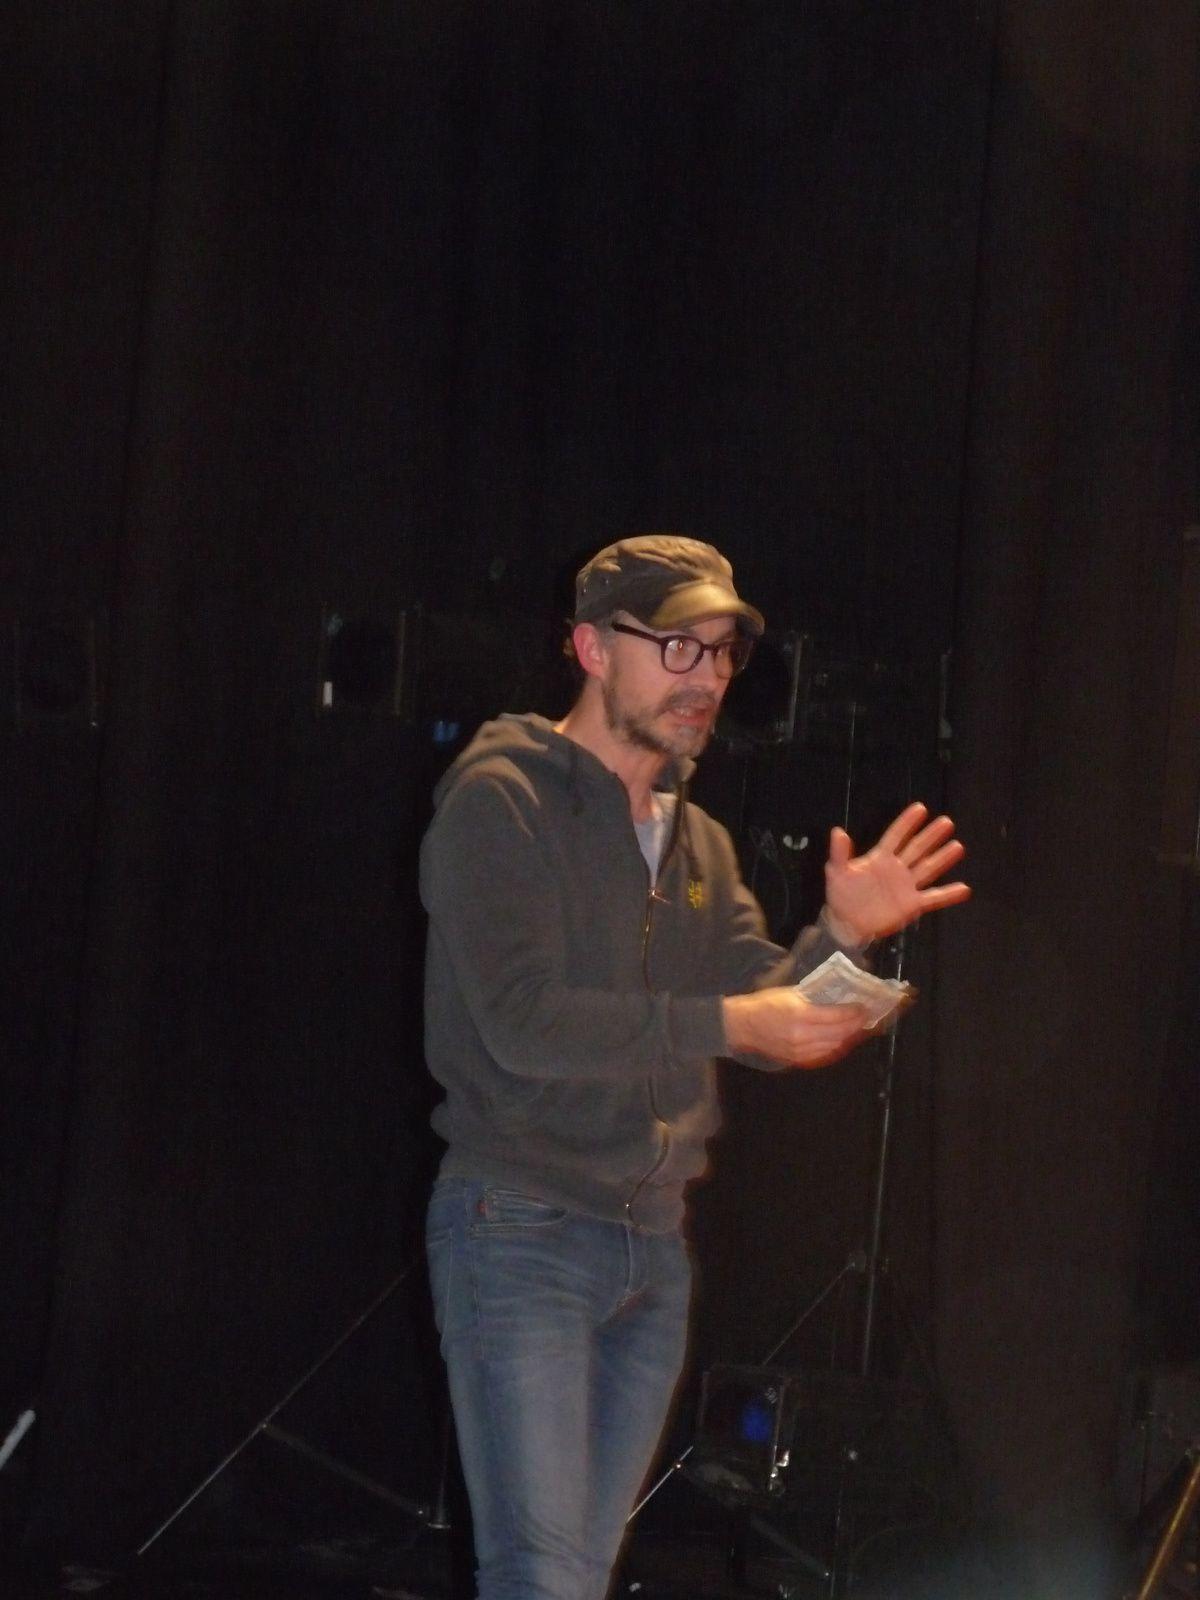 Le metteur en scène Fabien Bassot répond aux questions du jeune public lors des séances de l'après-midi. Les enfants ont été impressionnés par  la pluie de billets de banque sur scène!